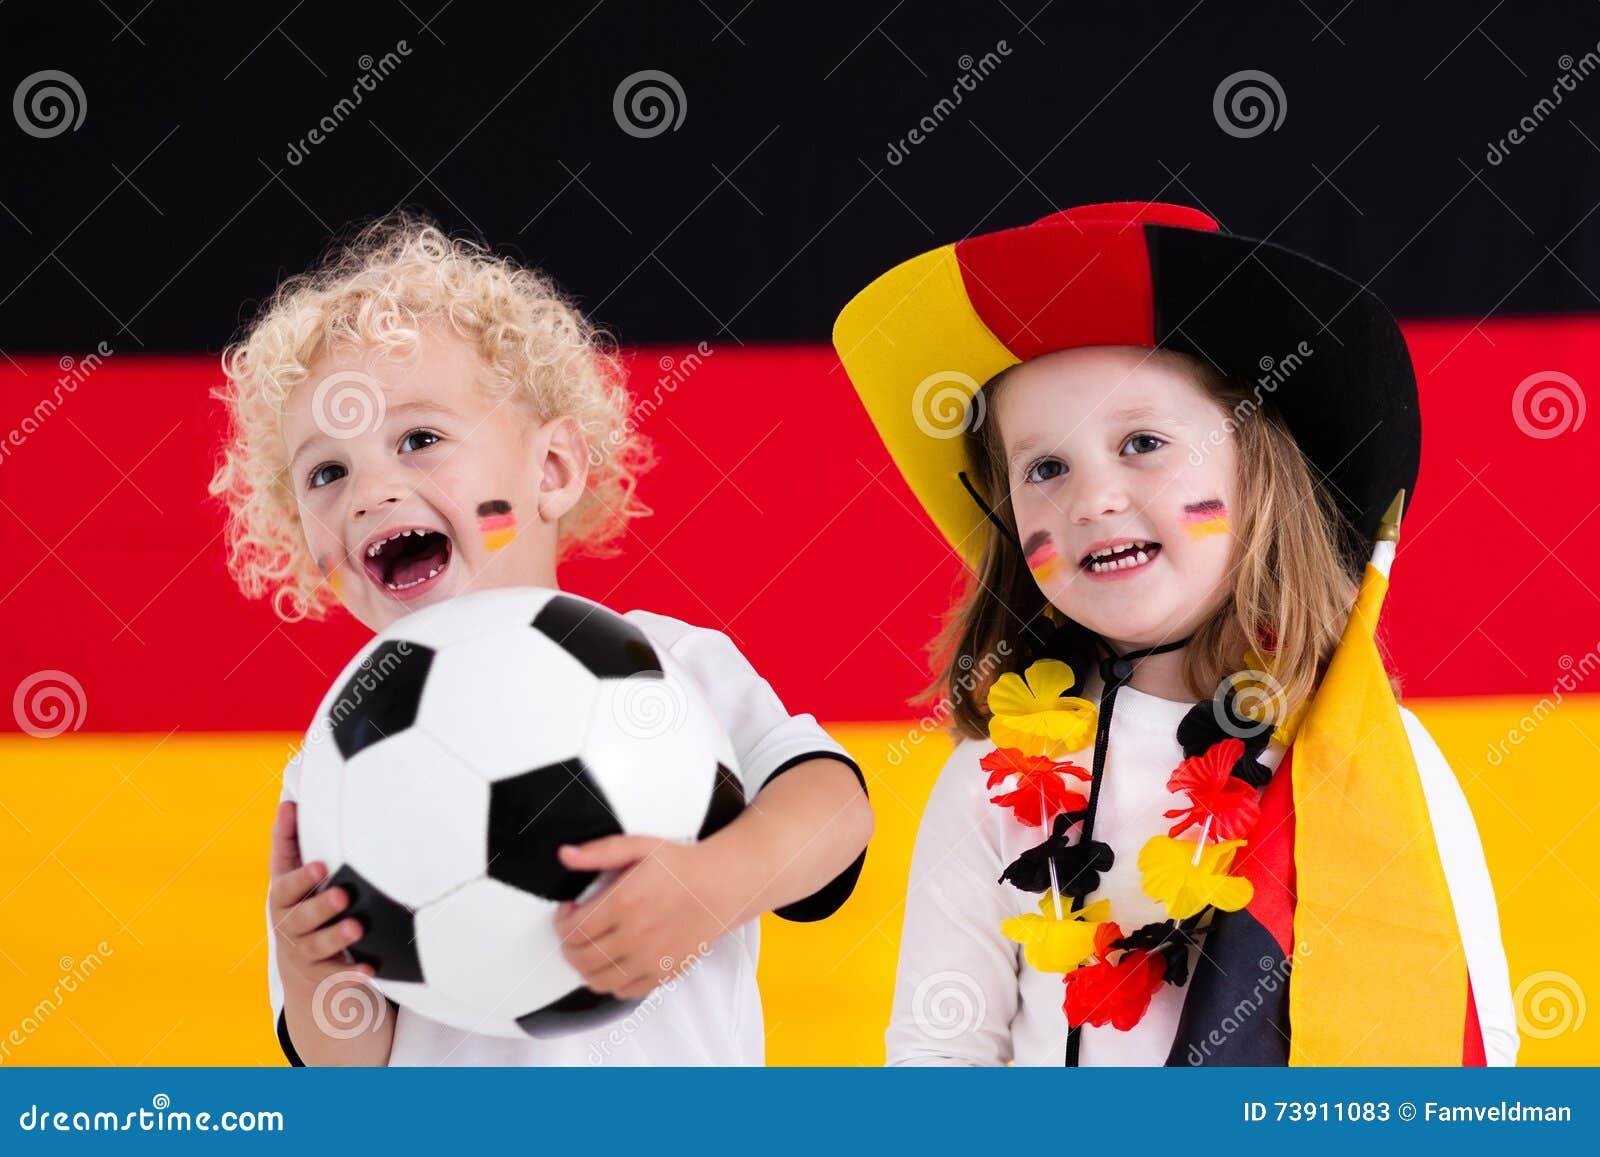 Немецкая лига по футболу дети